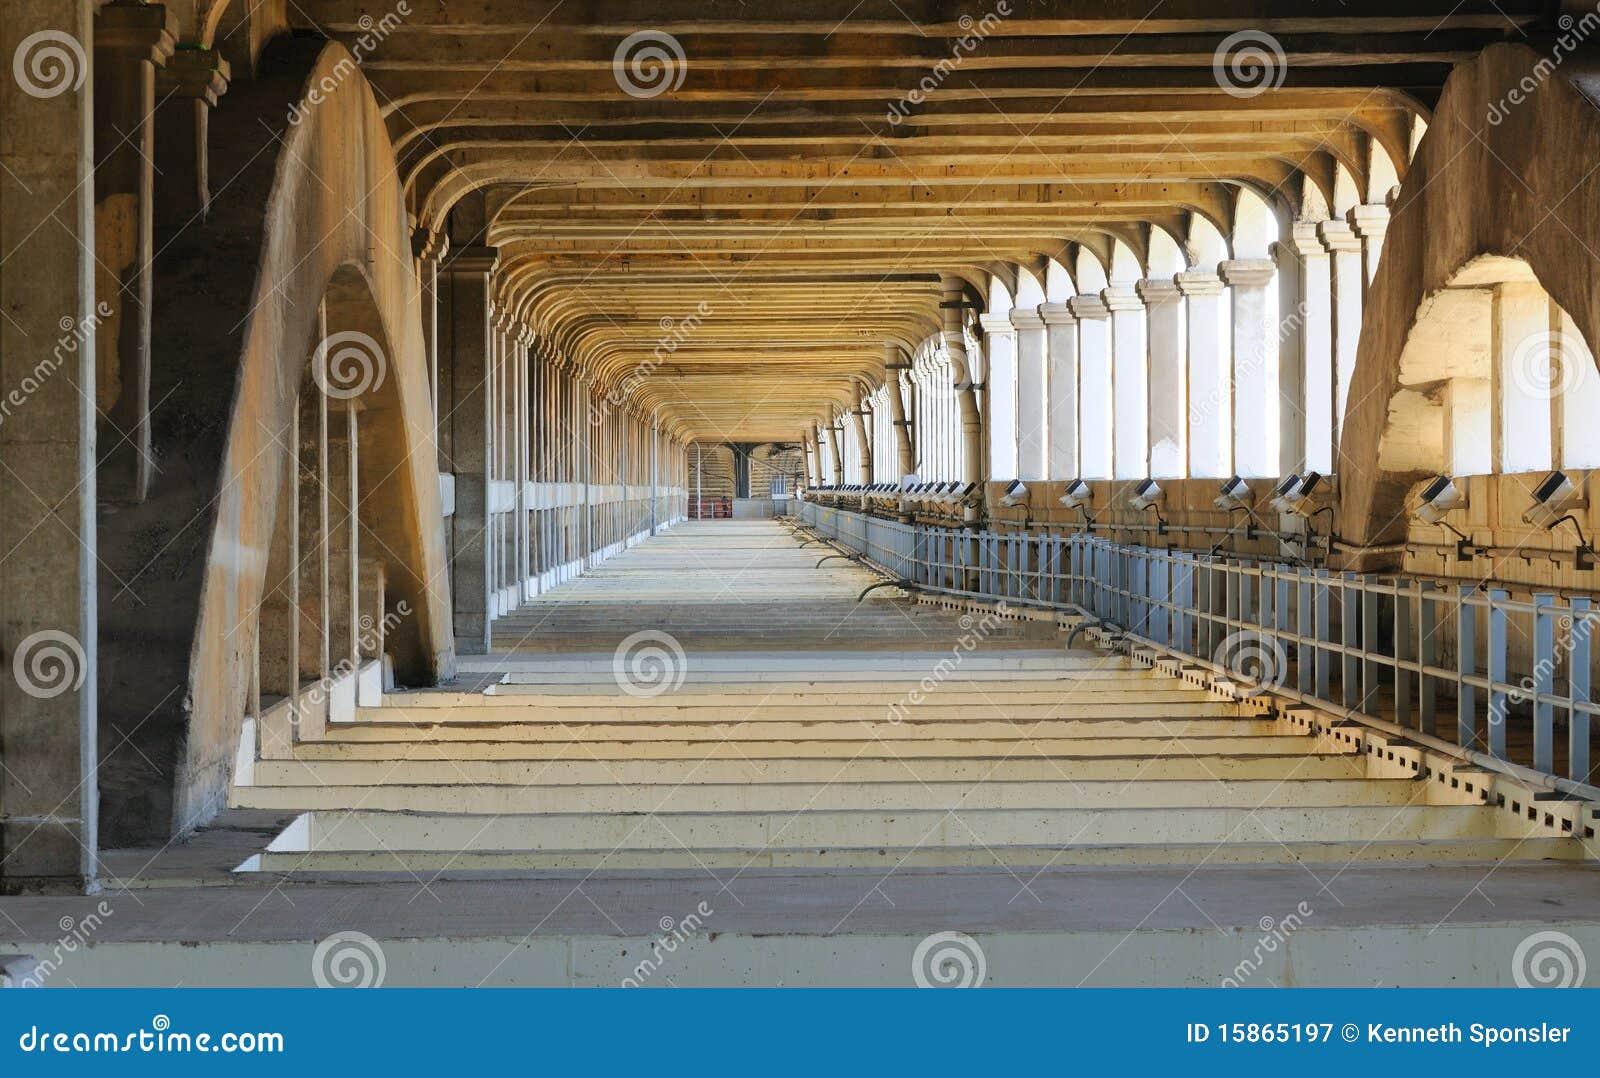 Under the bridge deck